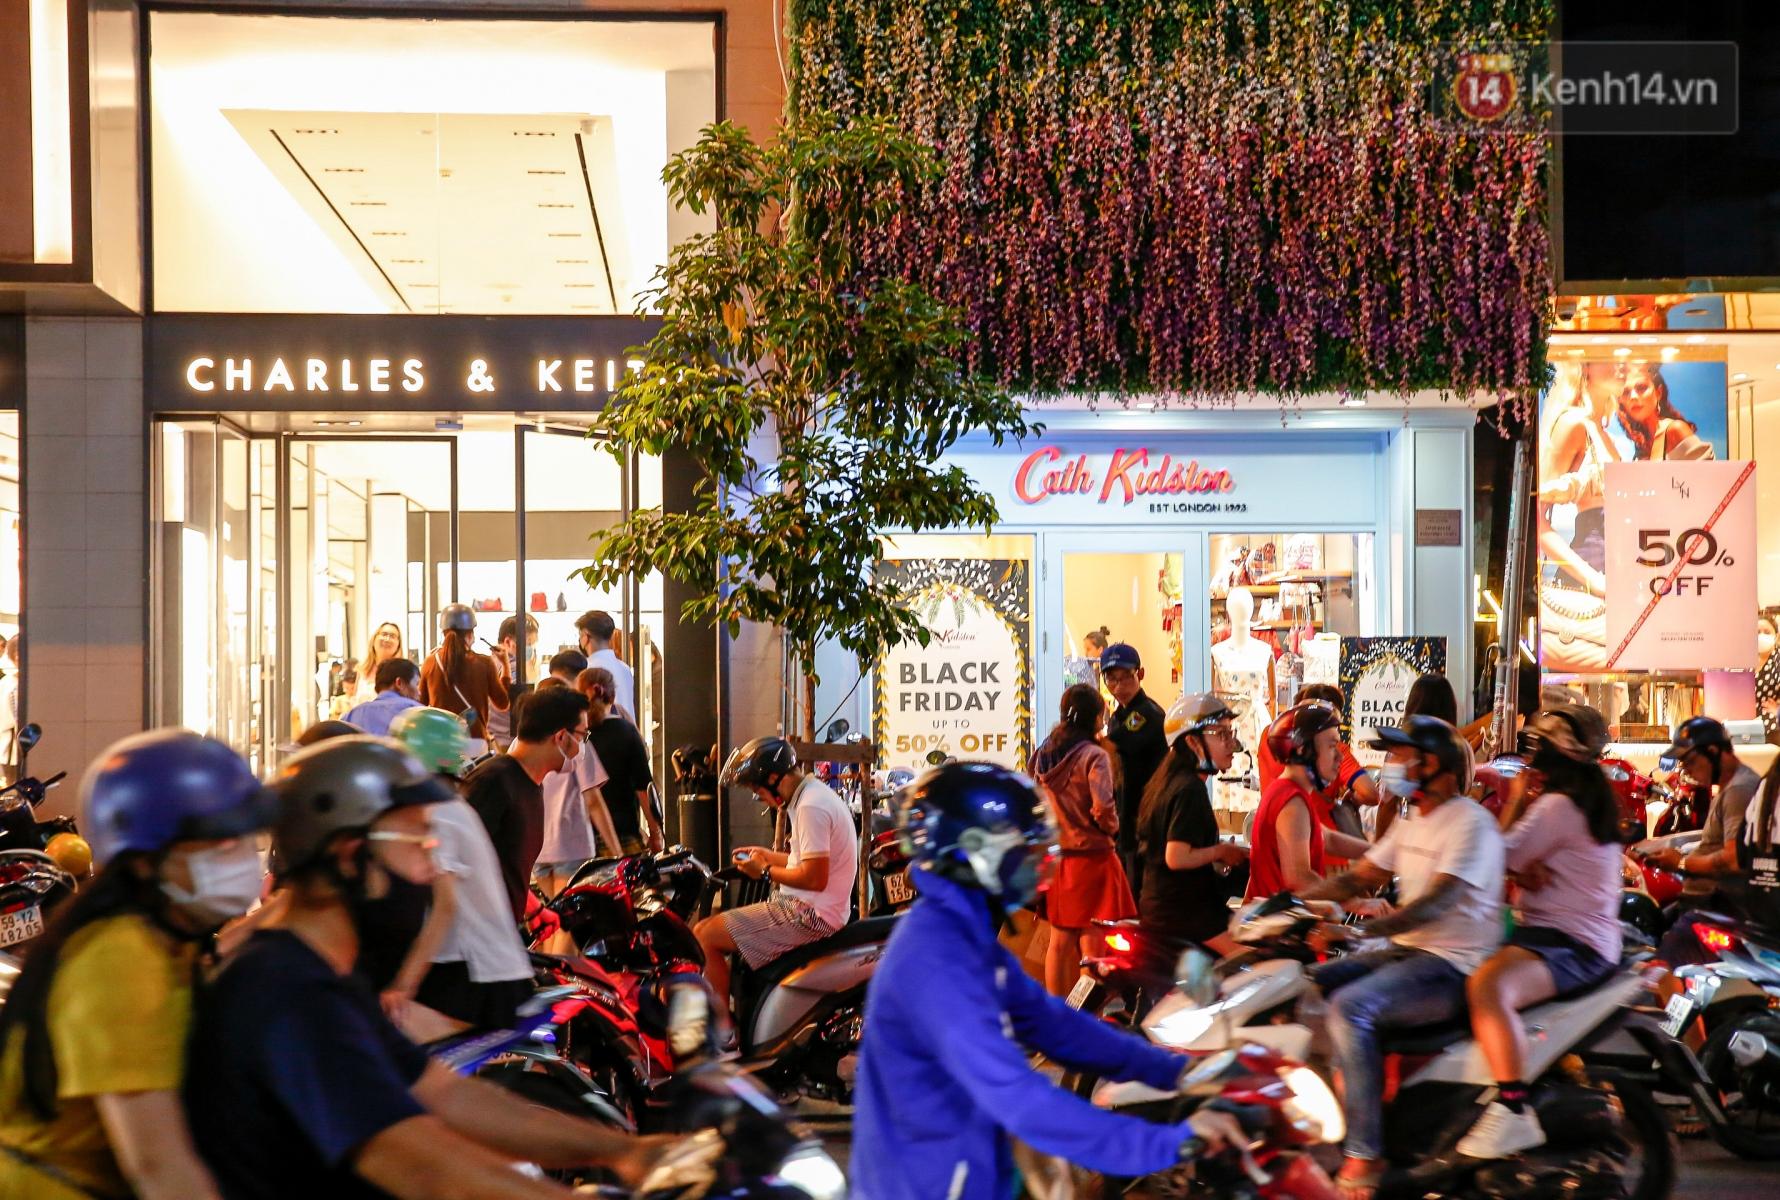 22h khuya nhưng người Sài Gòn vẫn tấp nập săn sale, tranh thủ hốt những món đồ ưng ý trước khi kết thúc ngày Black Friday - Ảnh 4.